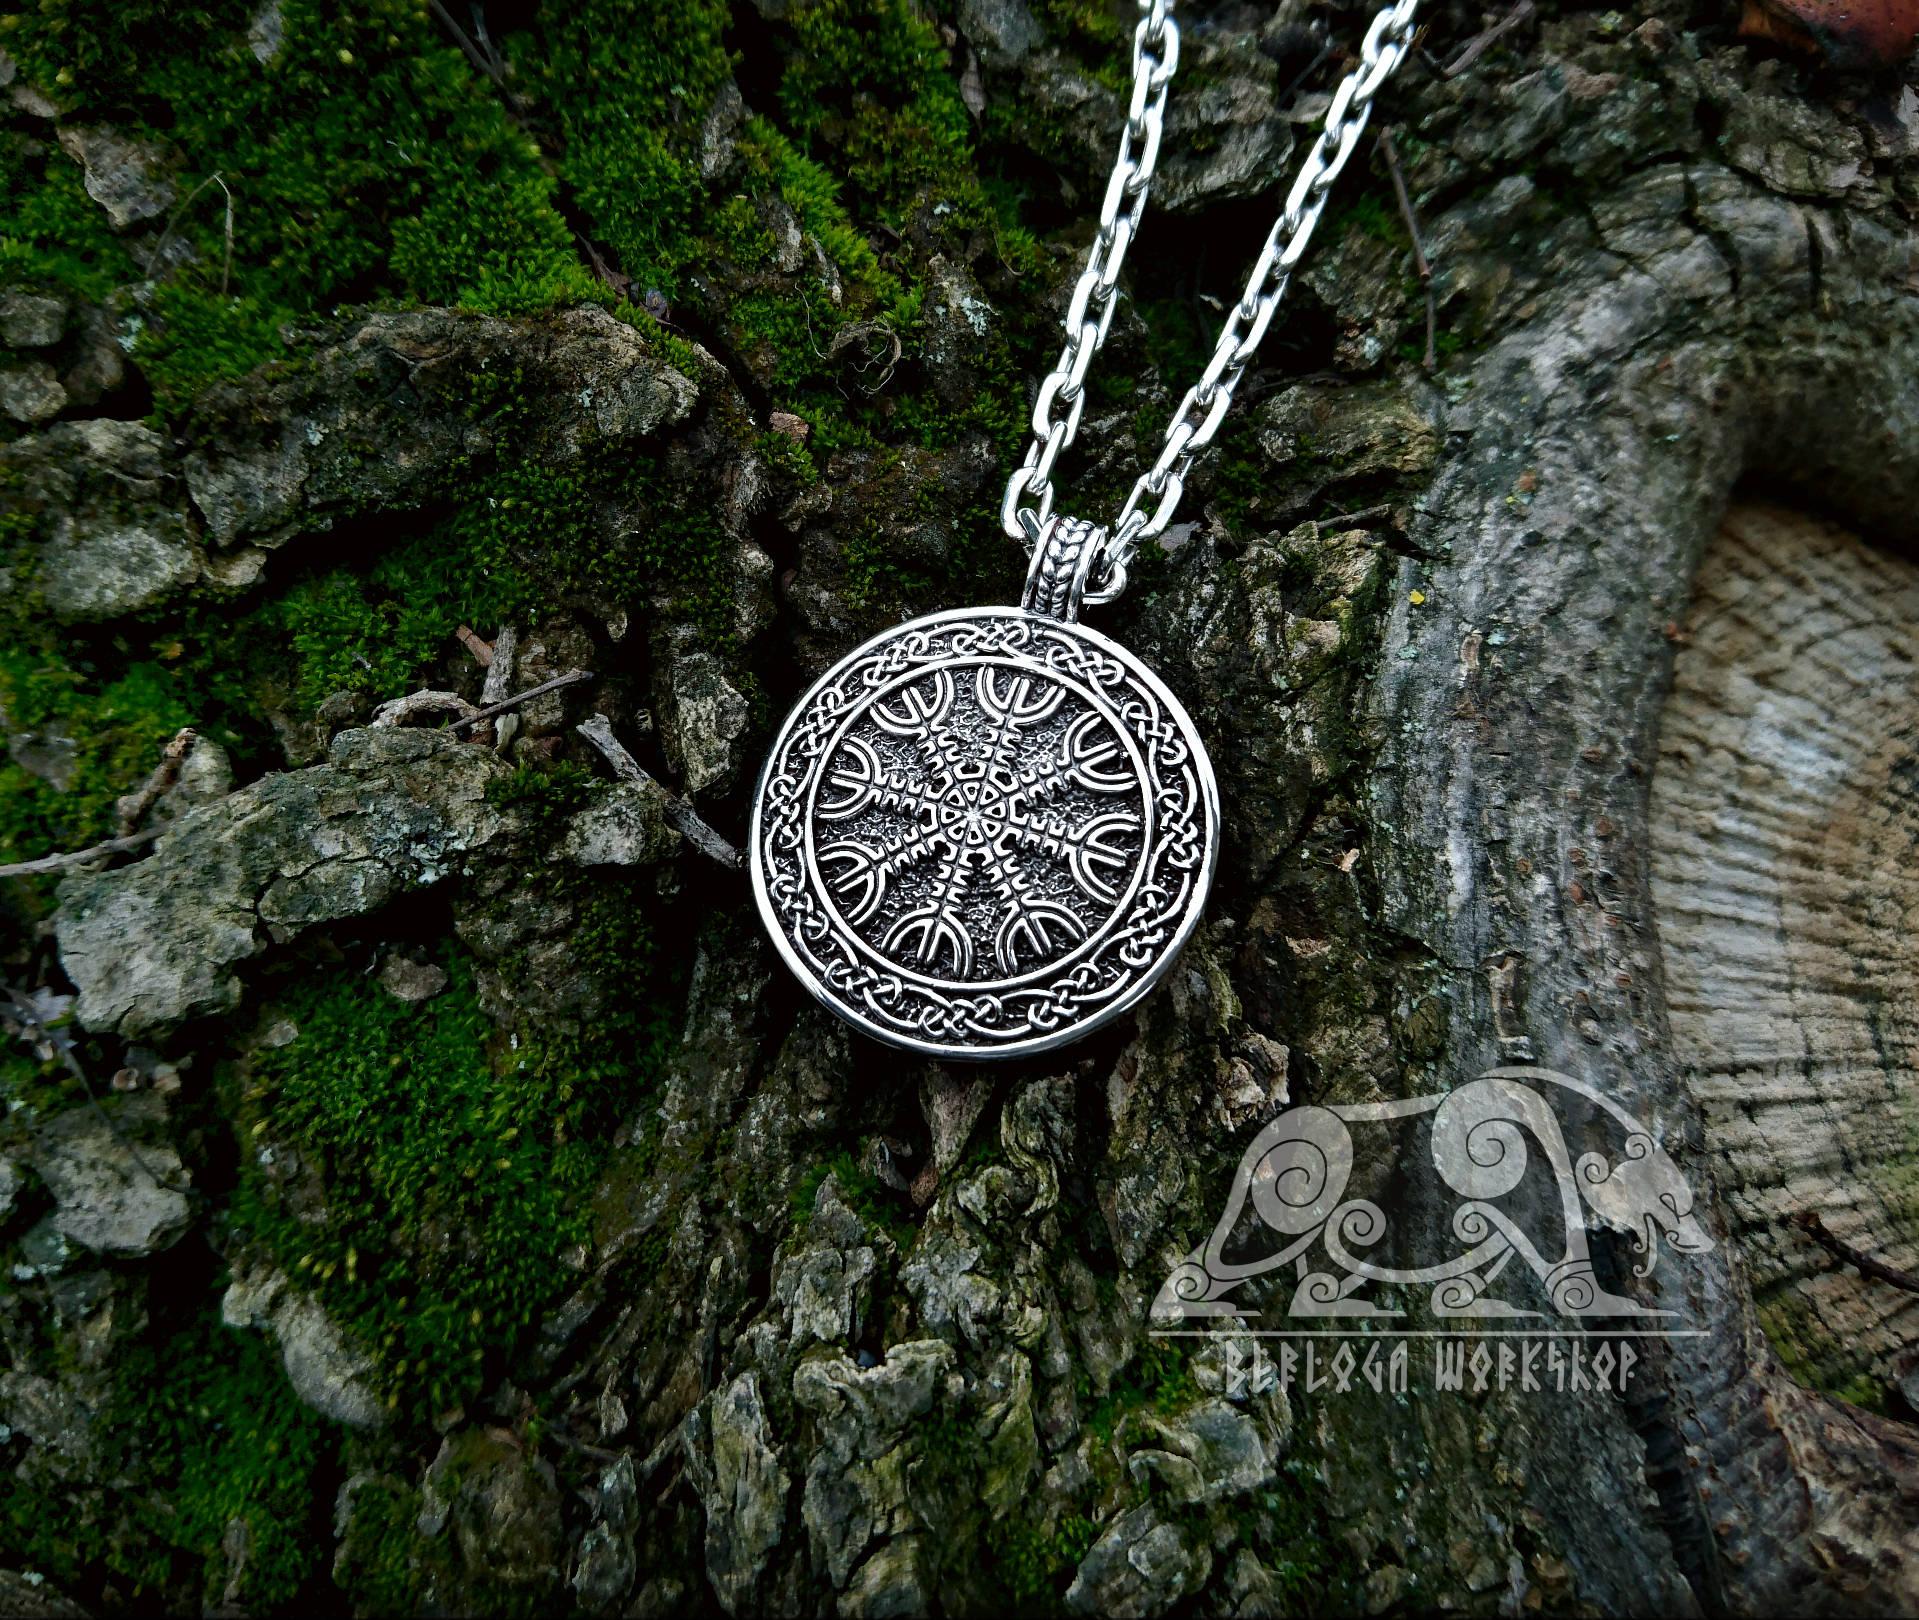 The Helm Of Awe Pendant Aegishjalmur Pendant Viking Pendant Sterling Silver Viking Necklace Scandinavian Norse Viking Jewelry Viking Pendant Viking Necklace Viking Jewelry